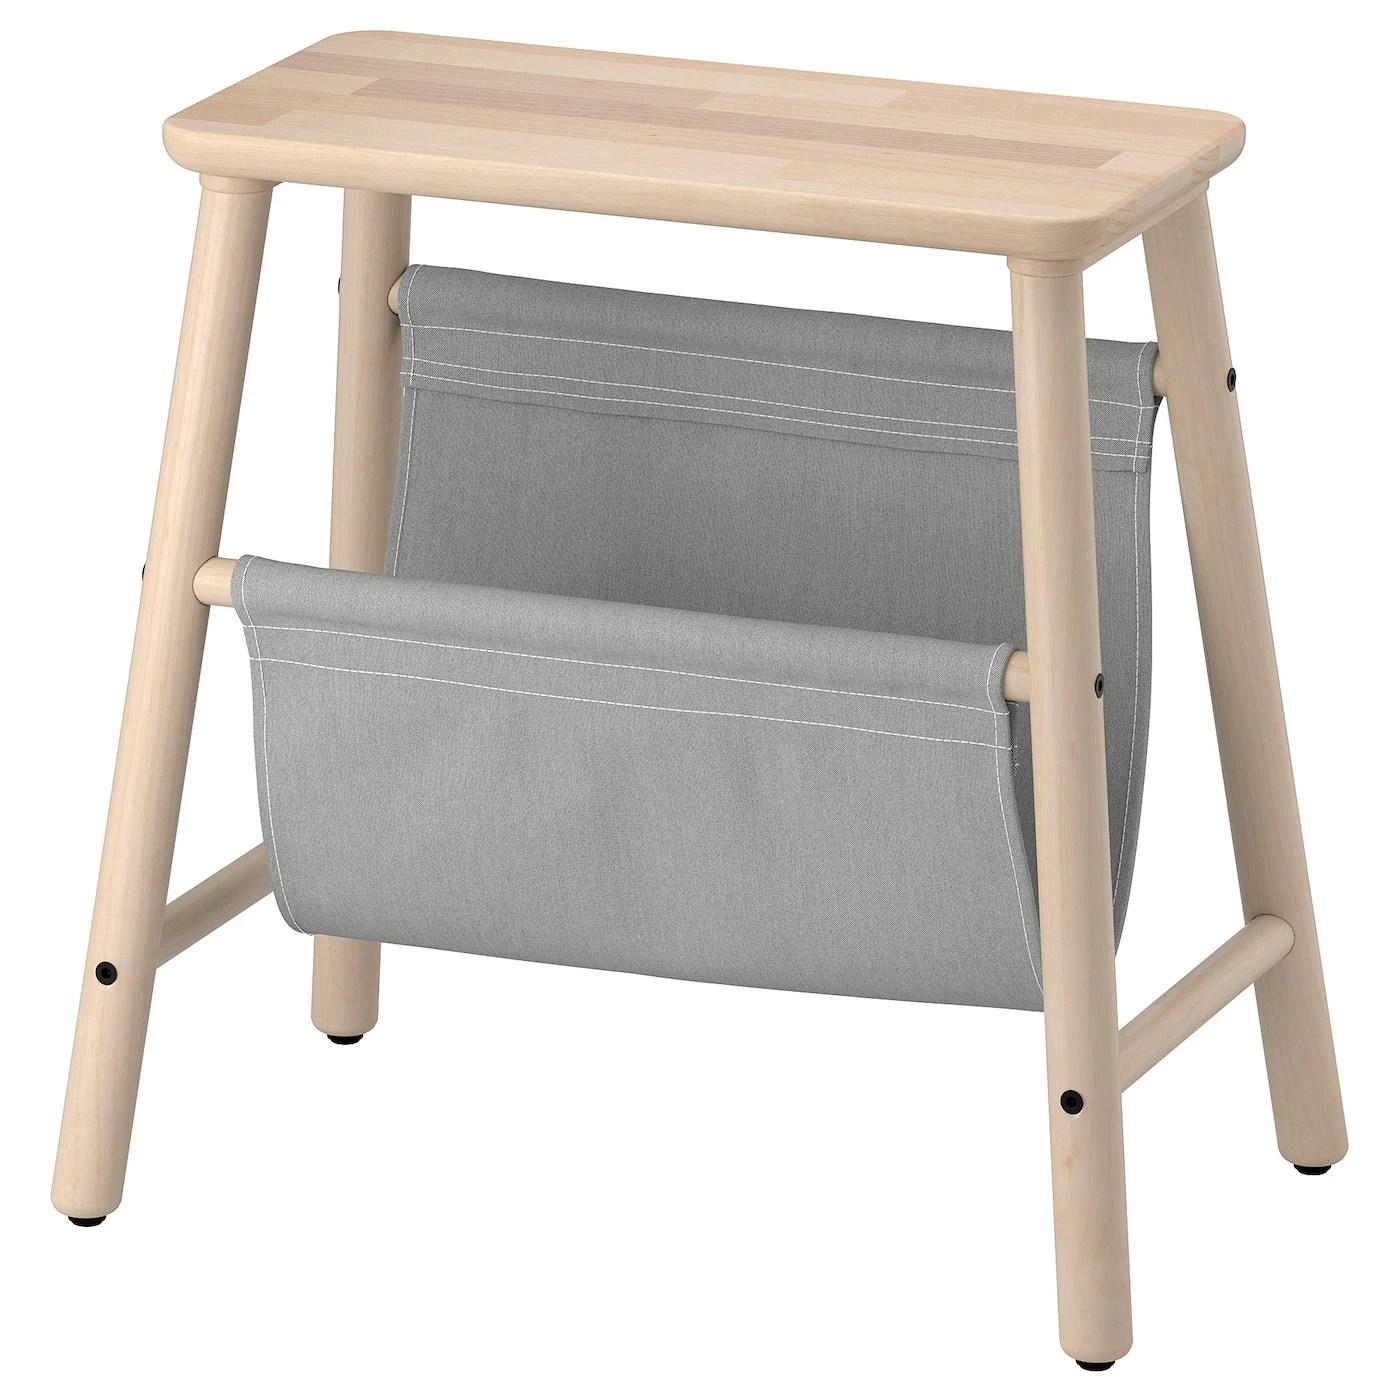 Vilto Tabouret Avec Rangement Bouleau 45 Cm Ikea